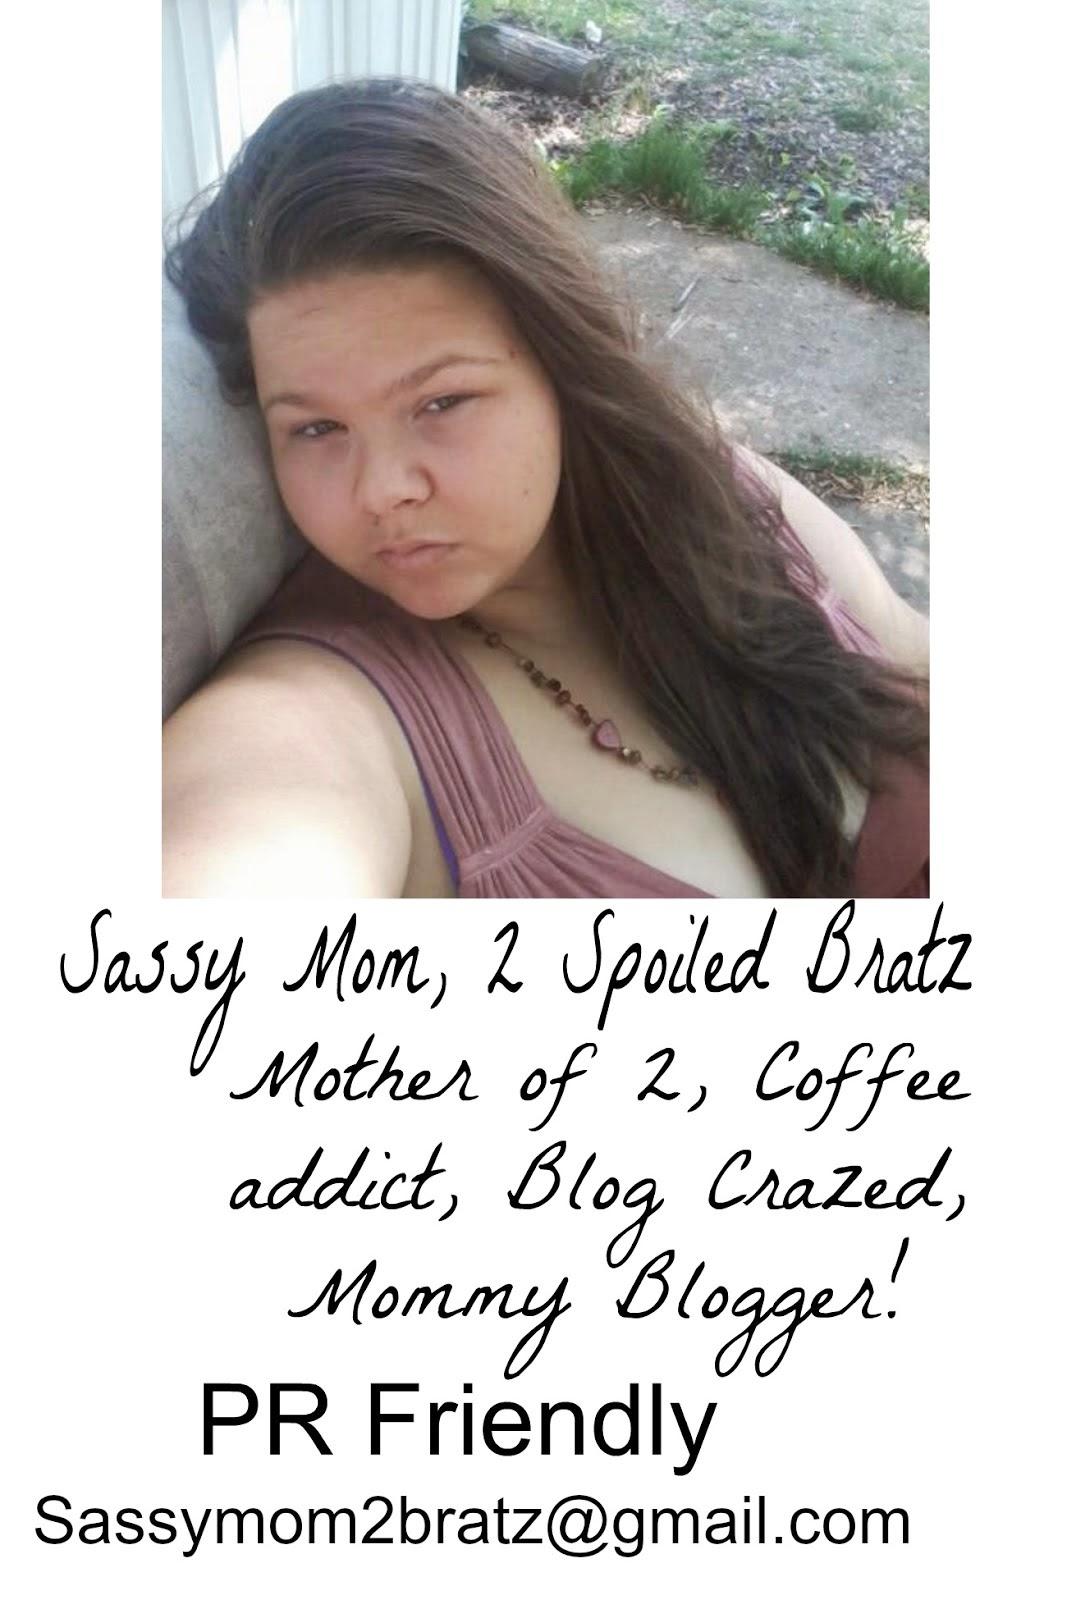 Sassy Mom!